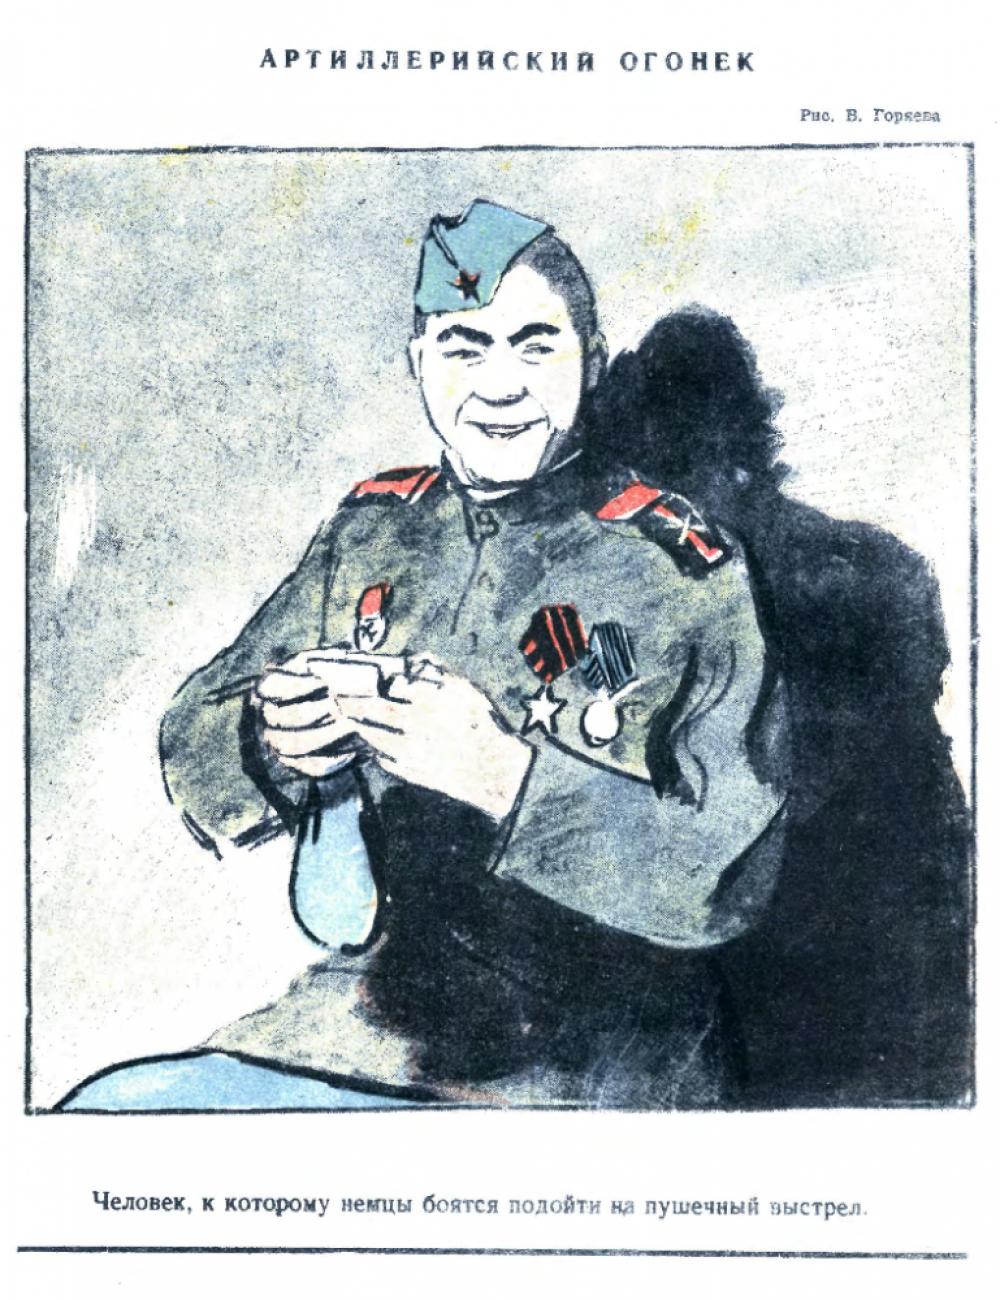 Артиллерийский огонёк: человек, к которому немцы боятся подойти на пушечный выстрел. Из № 21 за 1944 год.